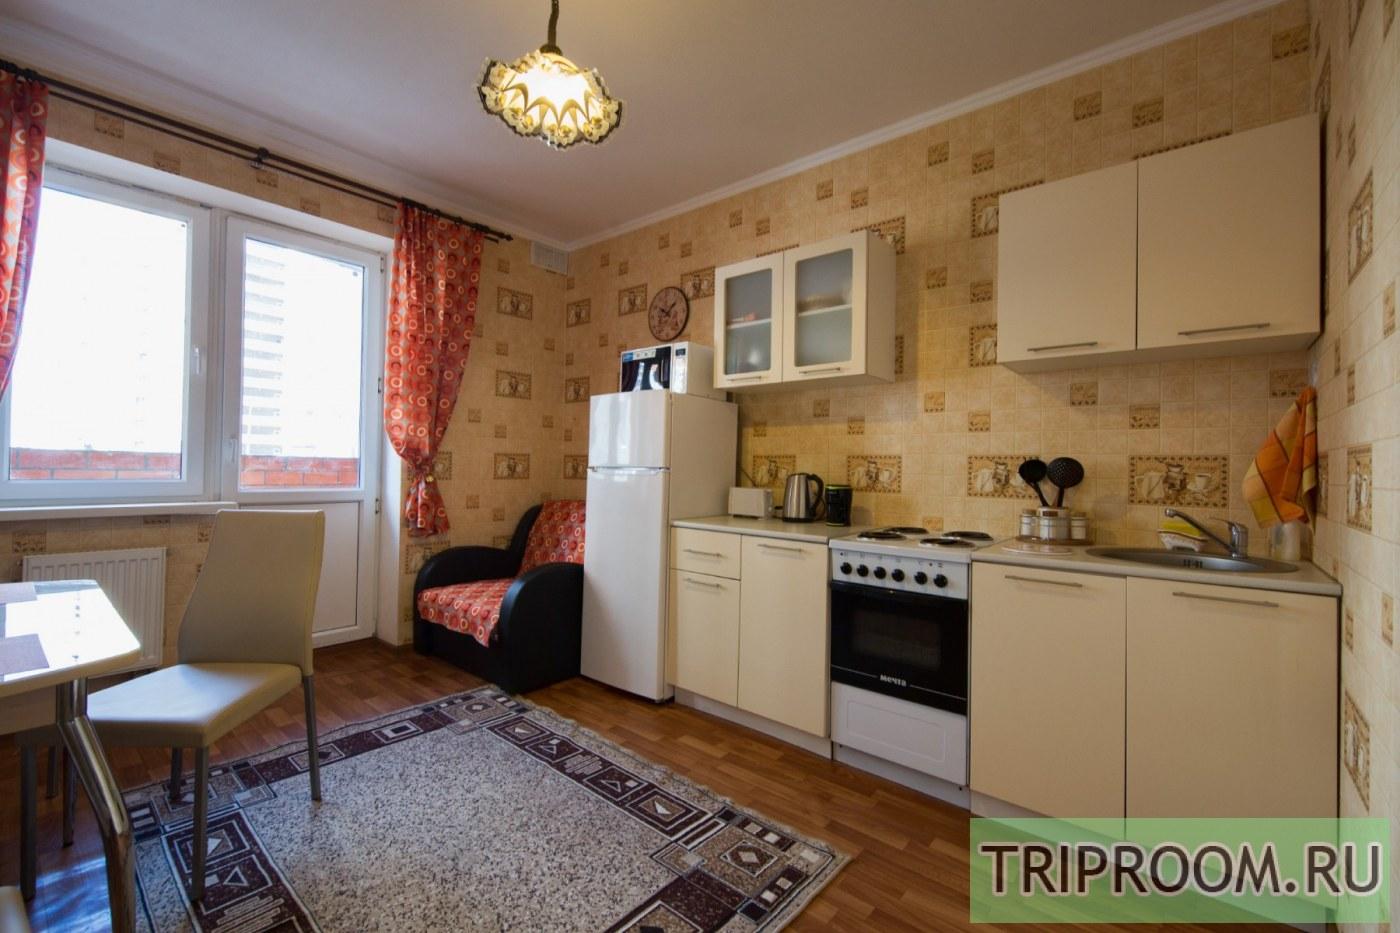 1-комнатная квартира посуточно (вариант № 38423), ул. генерала Шифрина, фото № 12